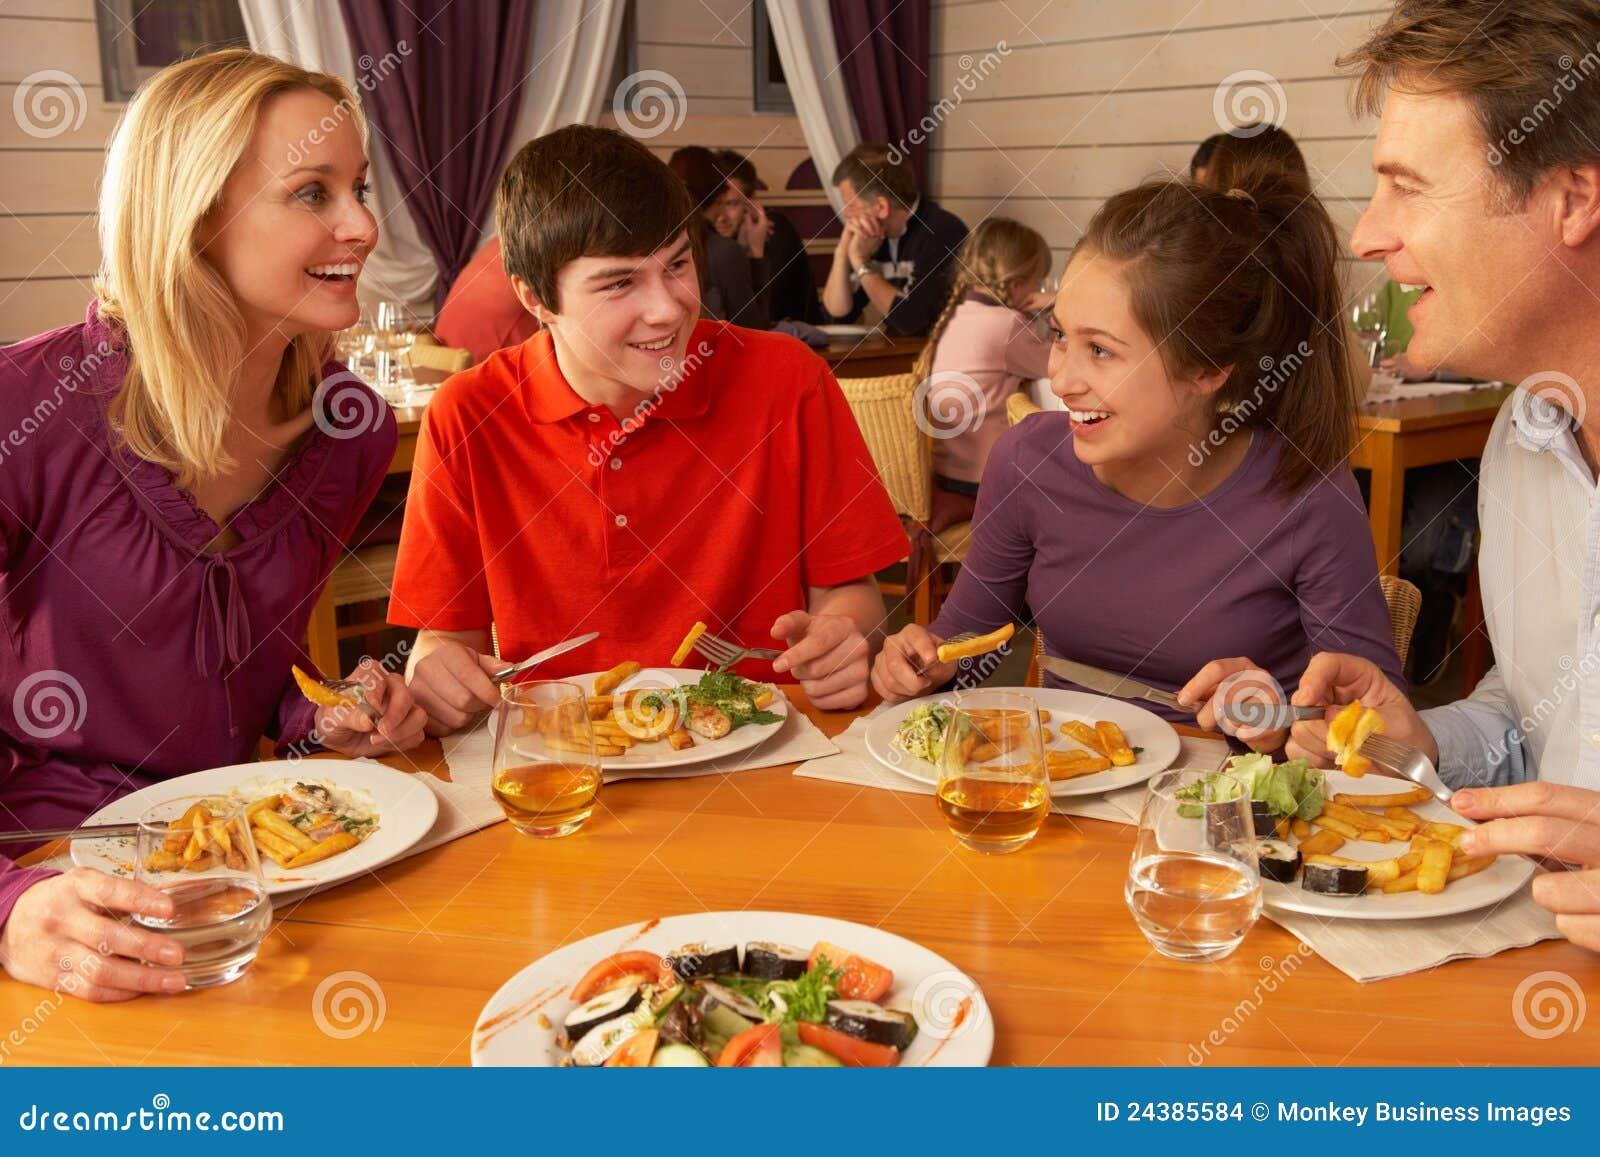 Famiglia che mangia insieme pranzo nel ristorante